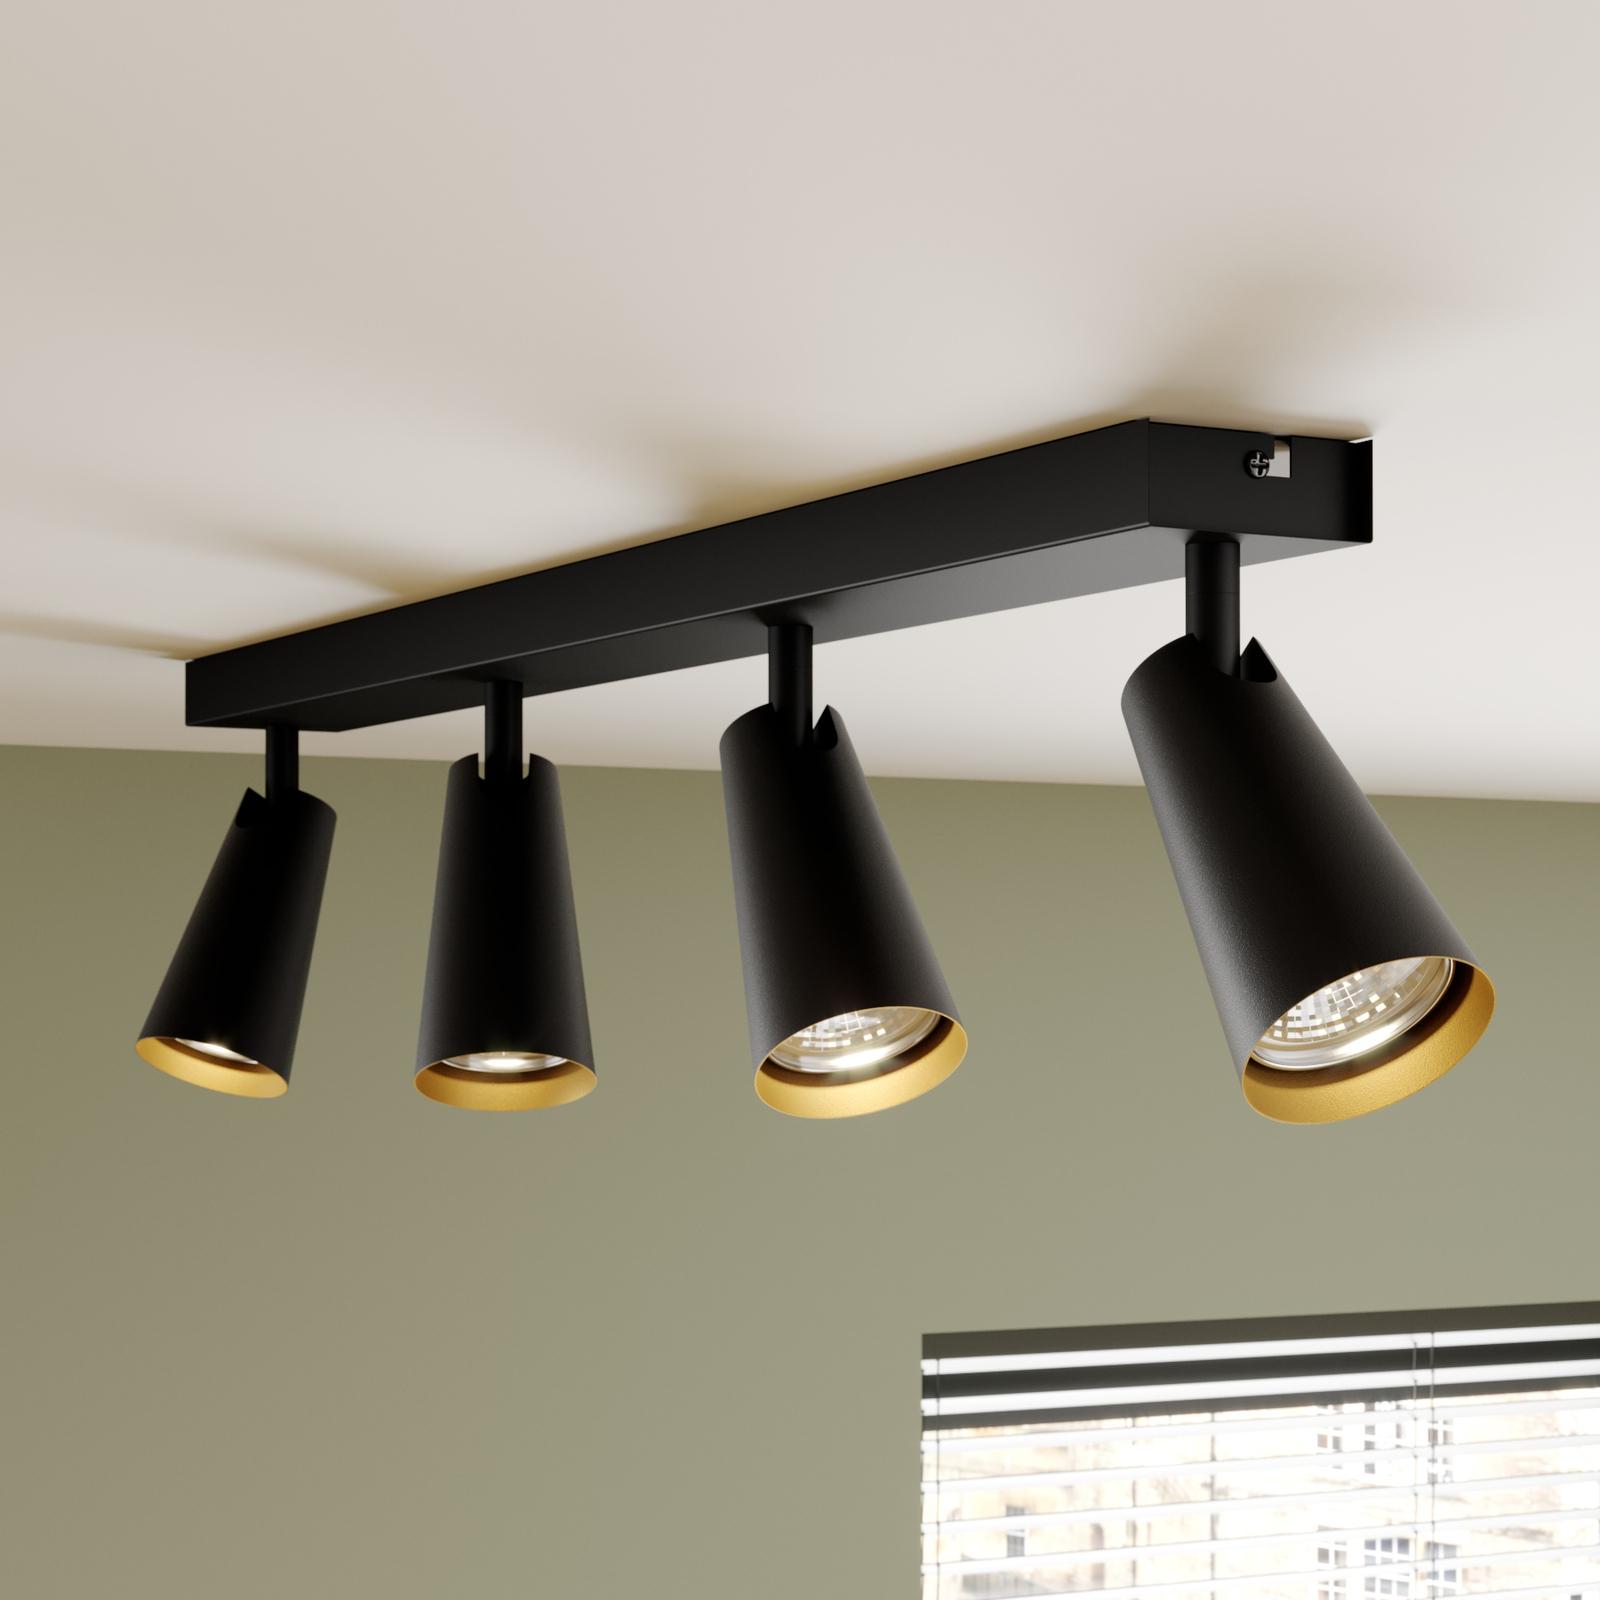 Lucande Angelina loftlampe sort-guld, 4 lyskilder